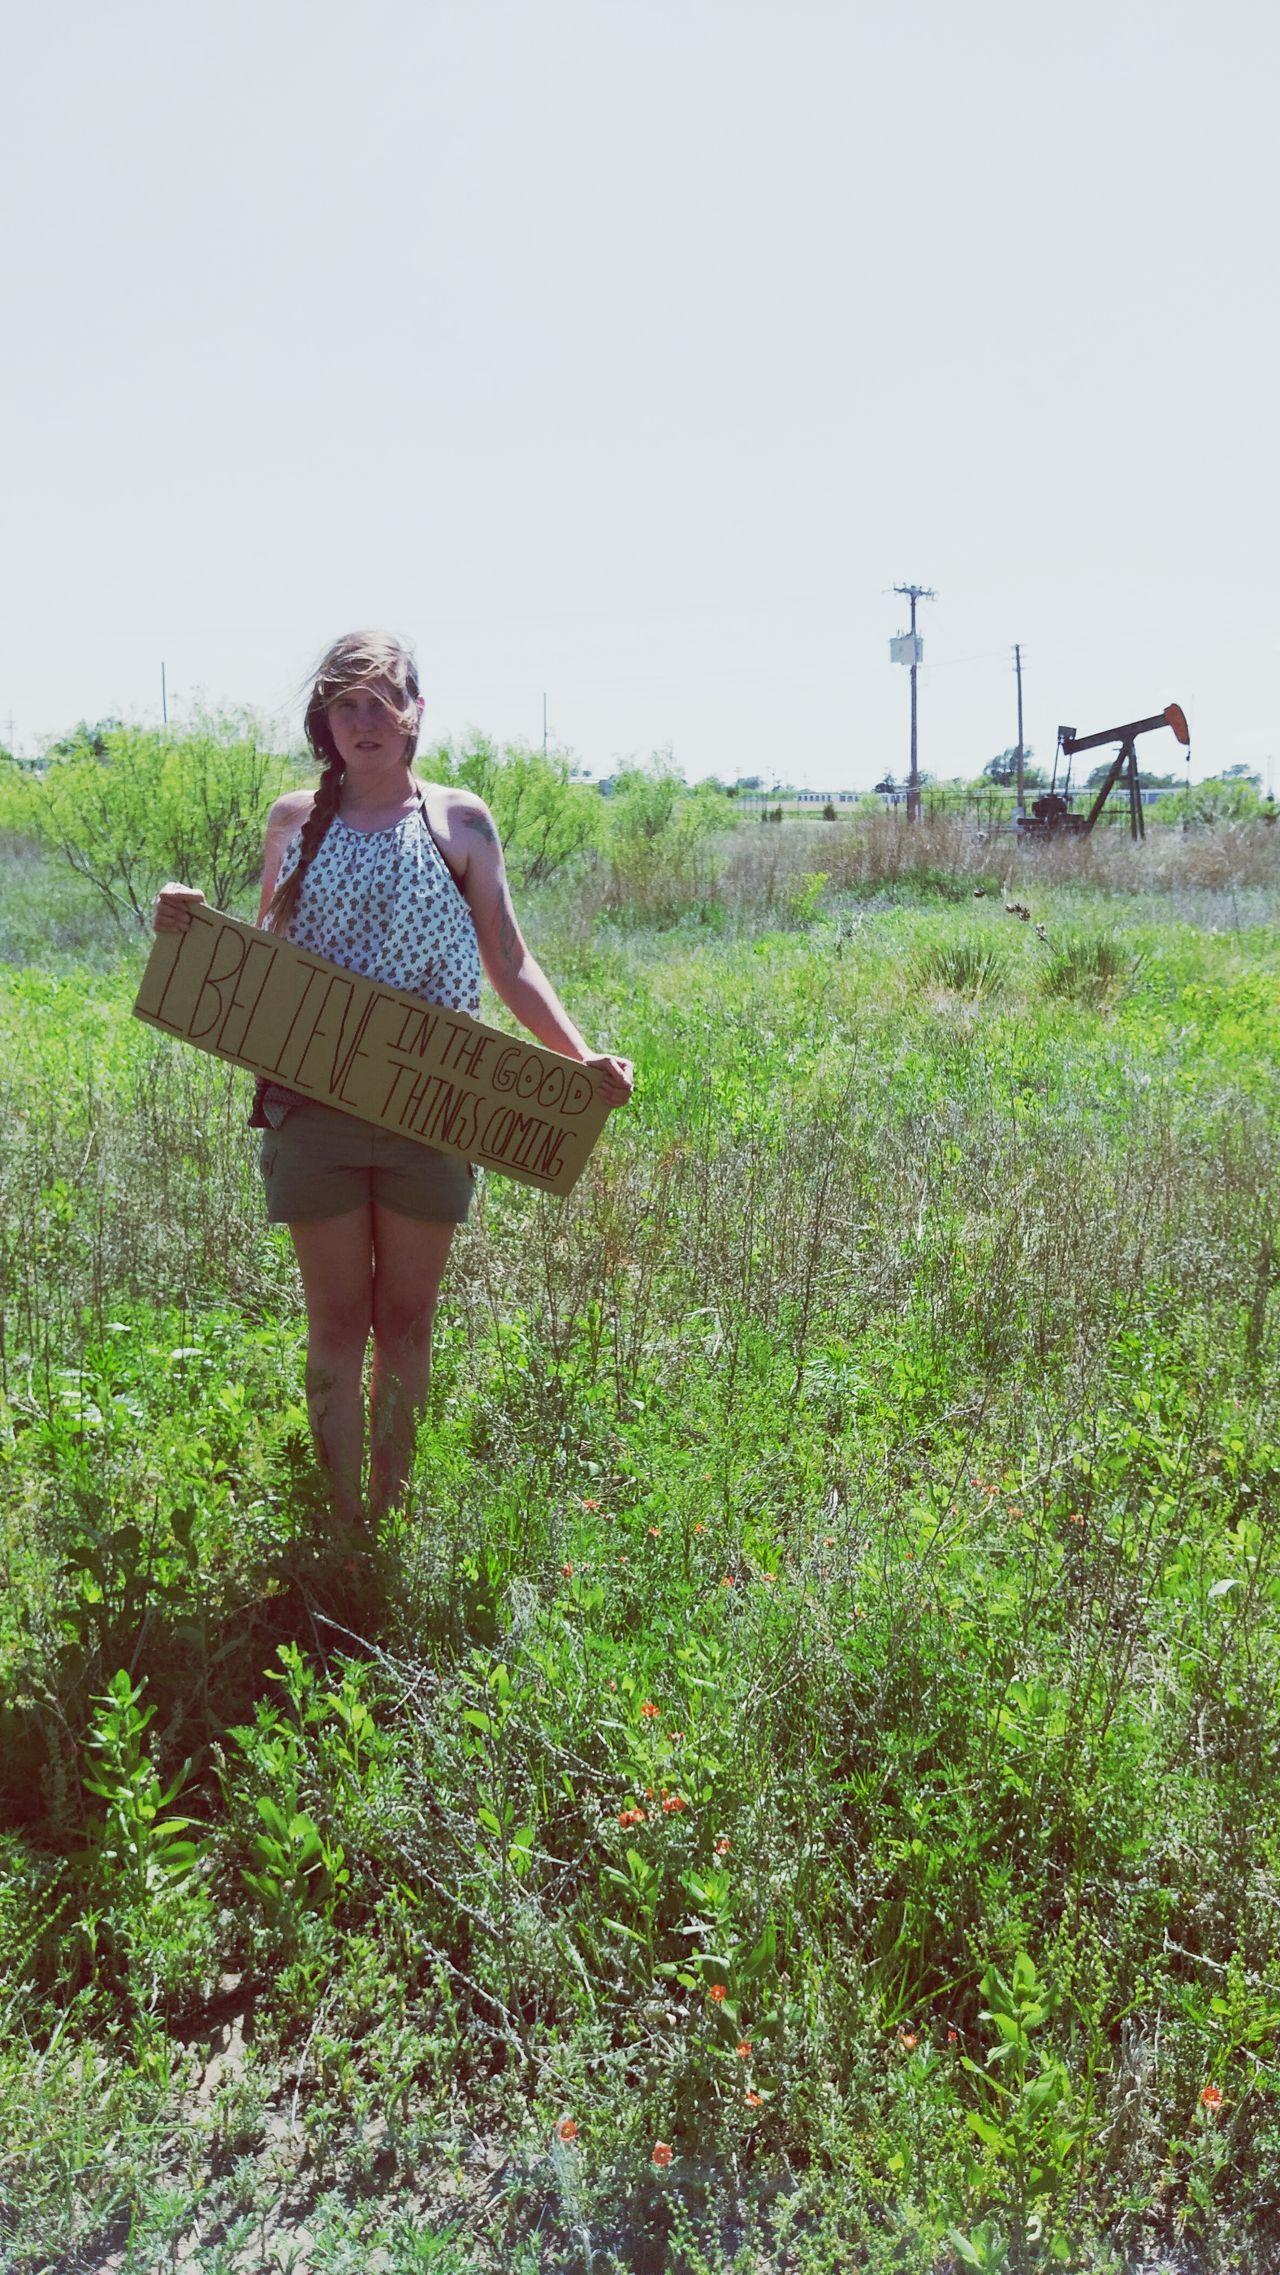 Ibelieveinthegoodthingscoming Fracking Whatthefrack